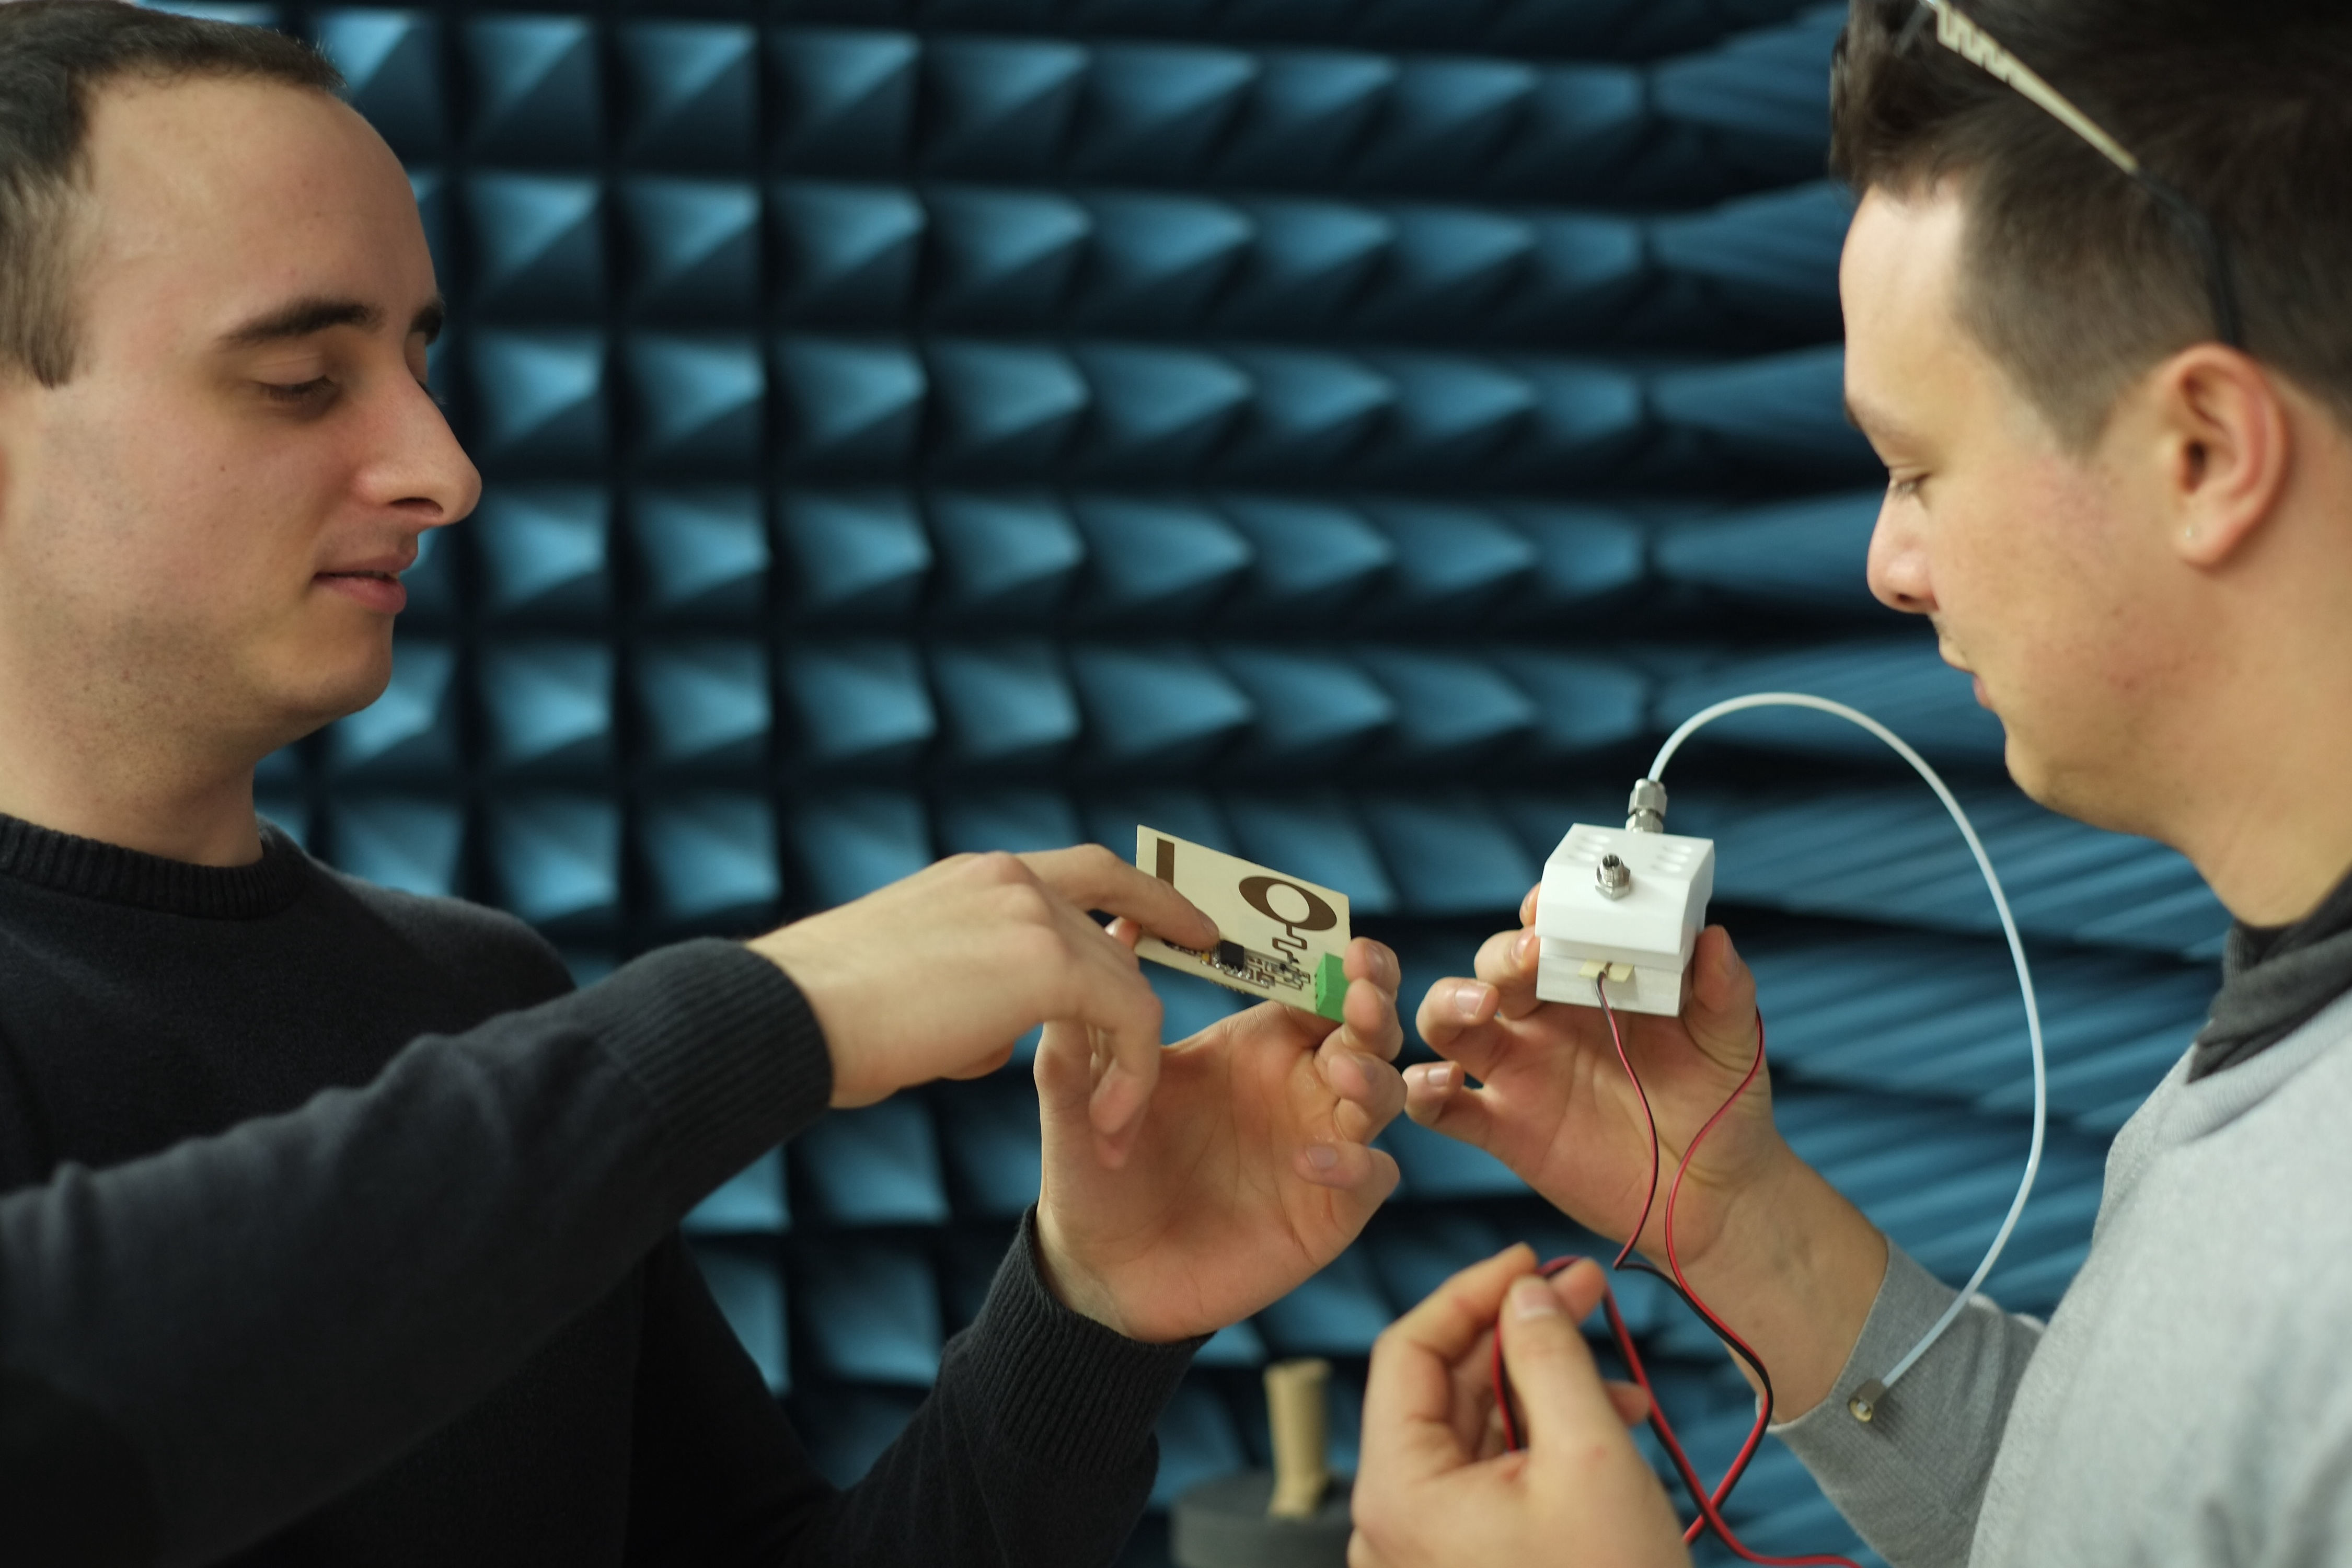 Dos dels membres del grup amb el dispositiu sensor.